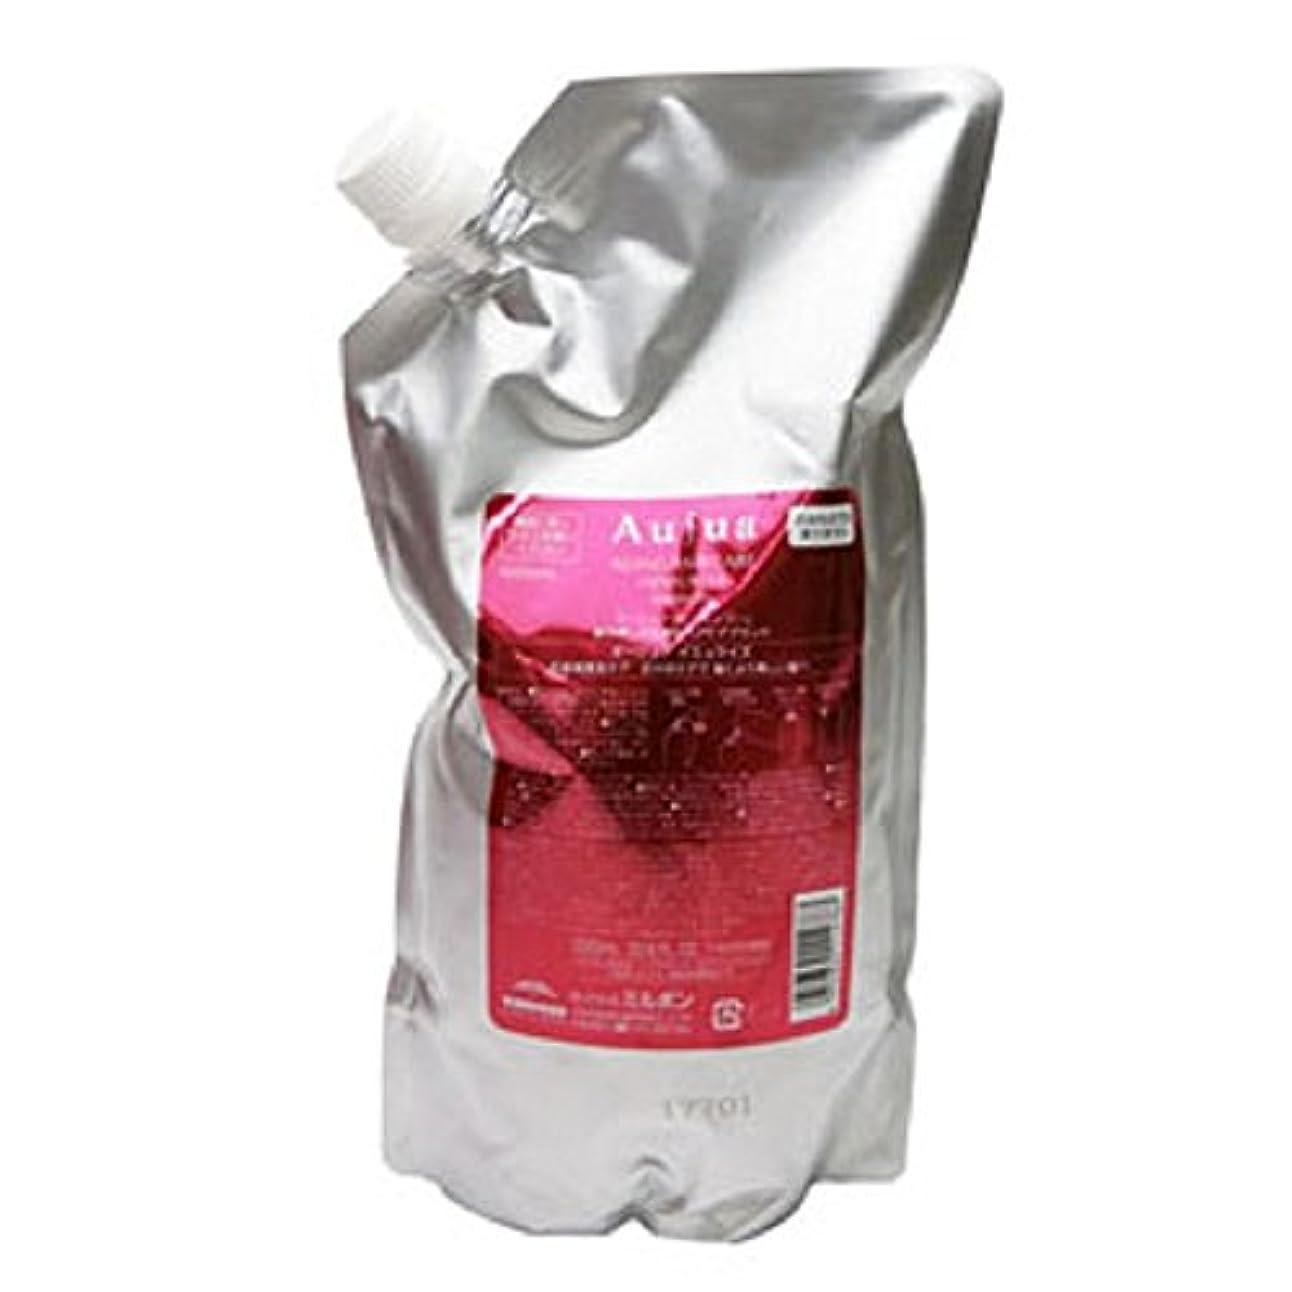 有毒な対称消費するミルボン オージュア IM イミュライズトリートメント1L(詰め替え用)